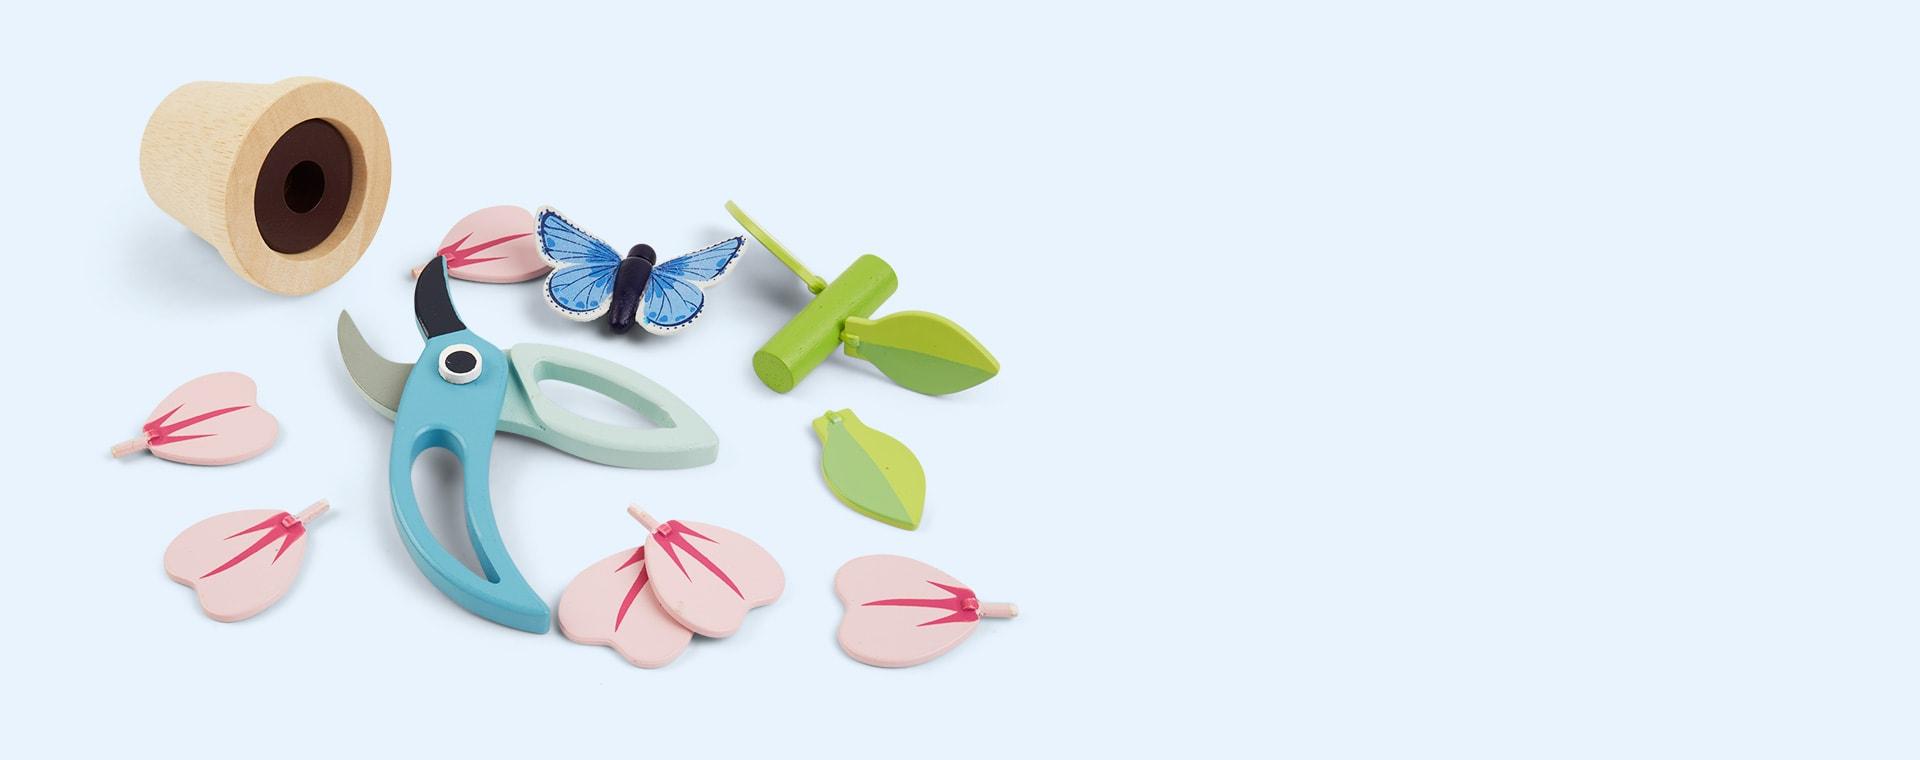 Multi Tender Leaf Toys Blossom Flowerpot Set